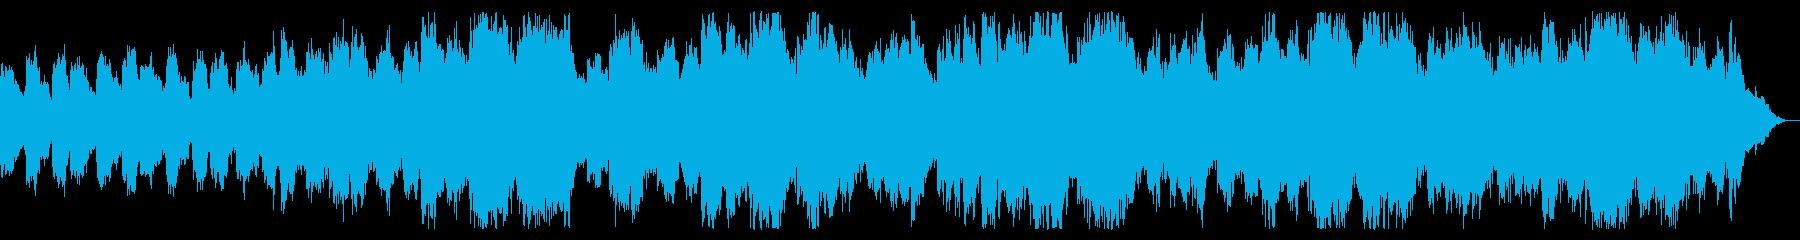 恐怖の領域 ダークなシーンの演出の再生済みの波形